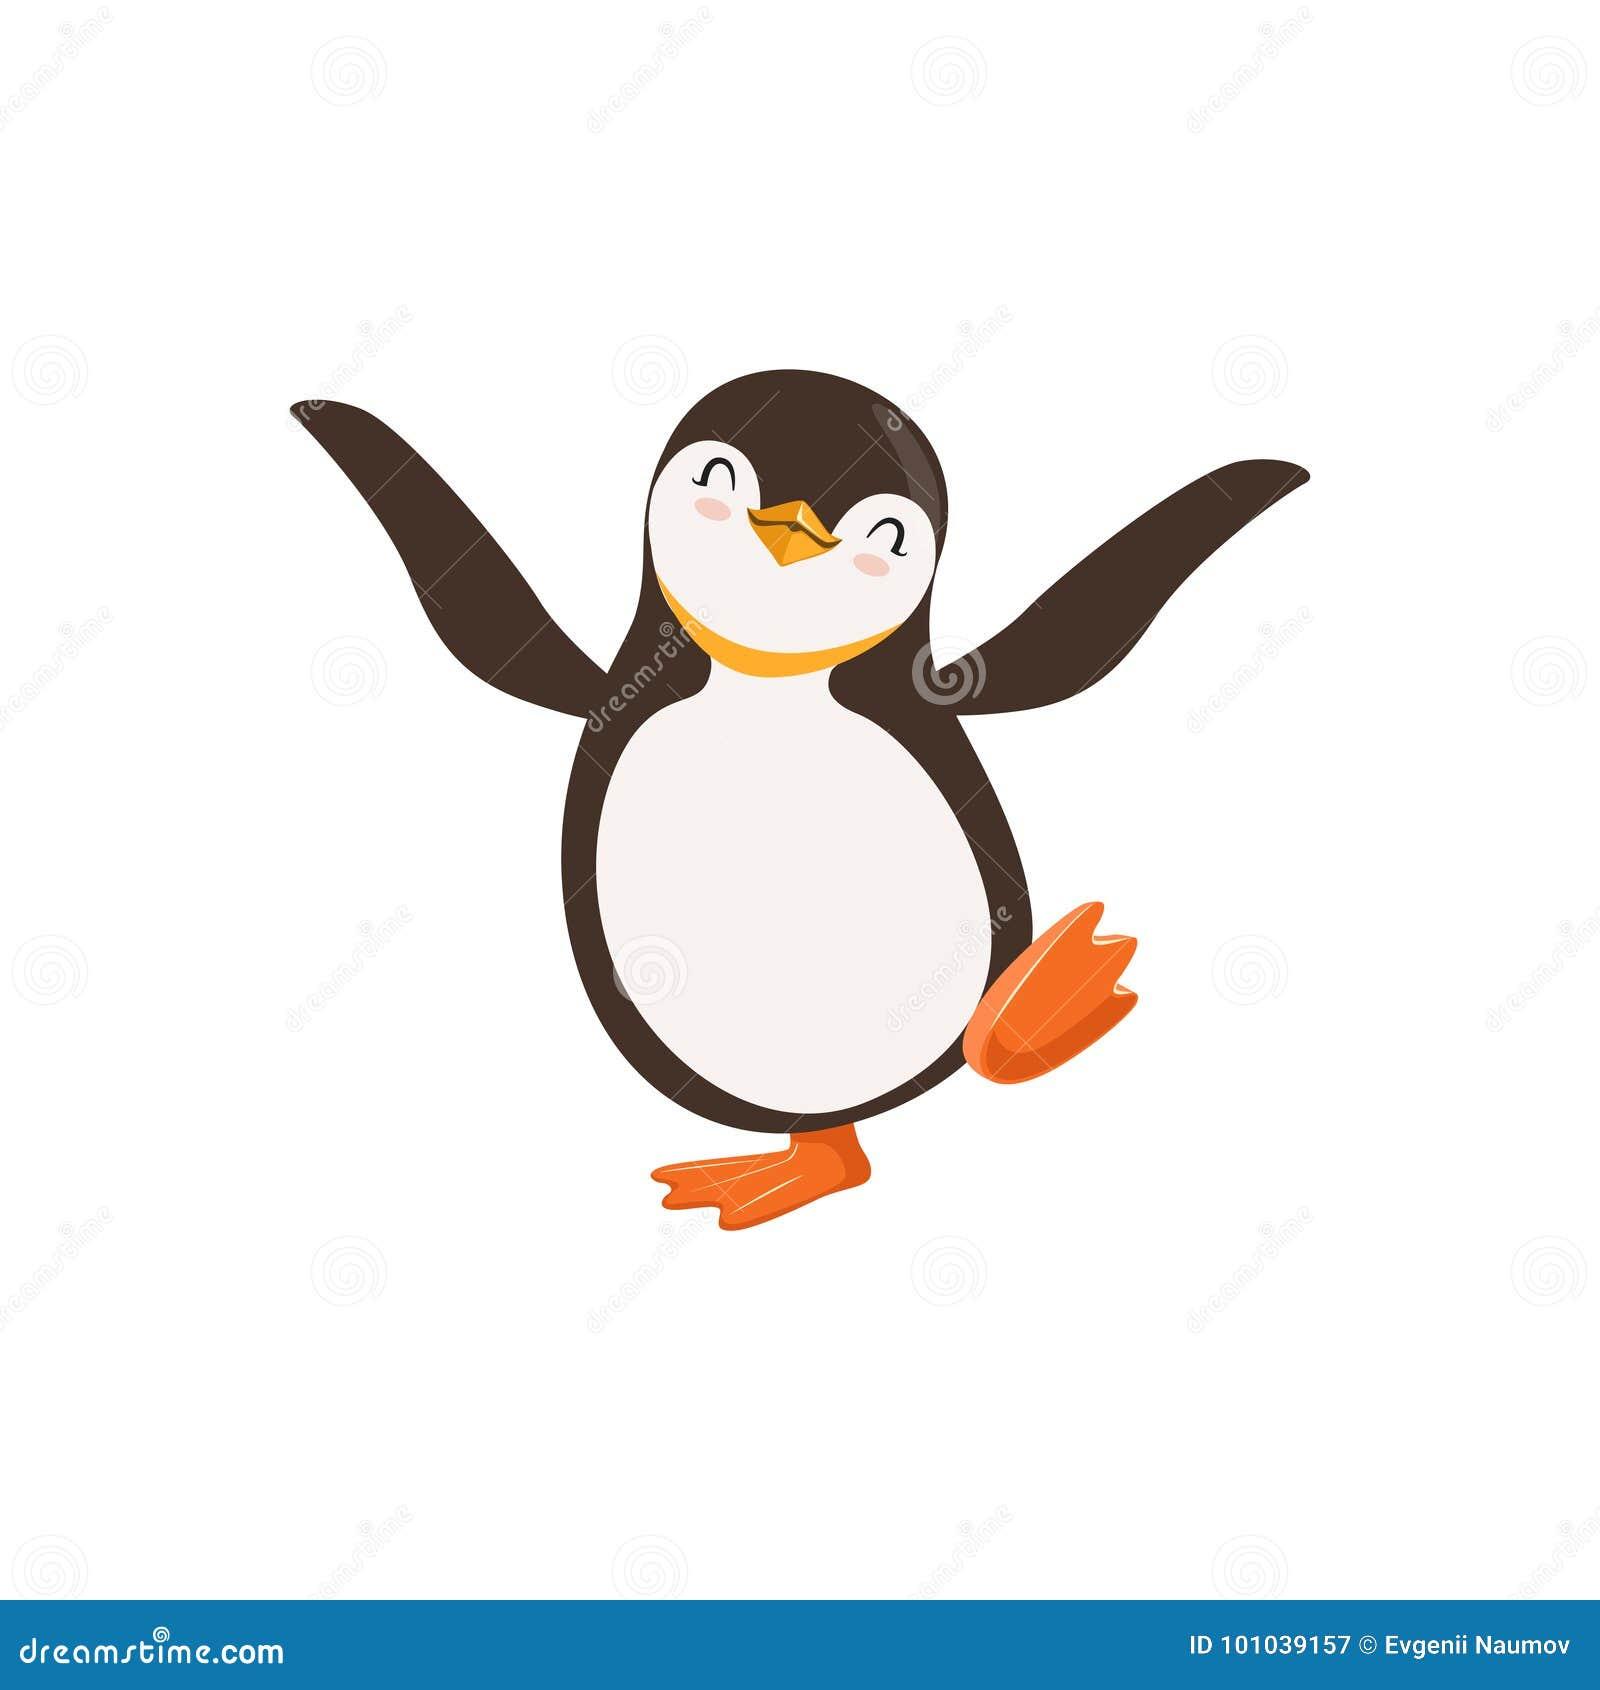 Il pinguino felice Toon Character Dancing With Its di vettore sveglio osserva chiuso su un fondo bianco